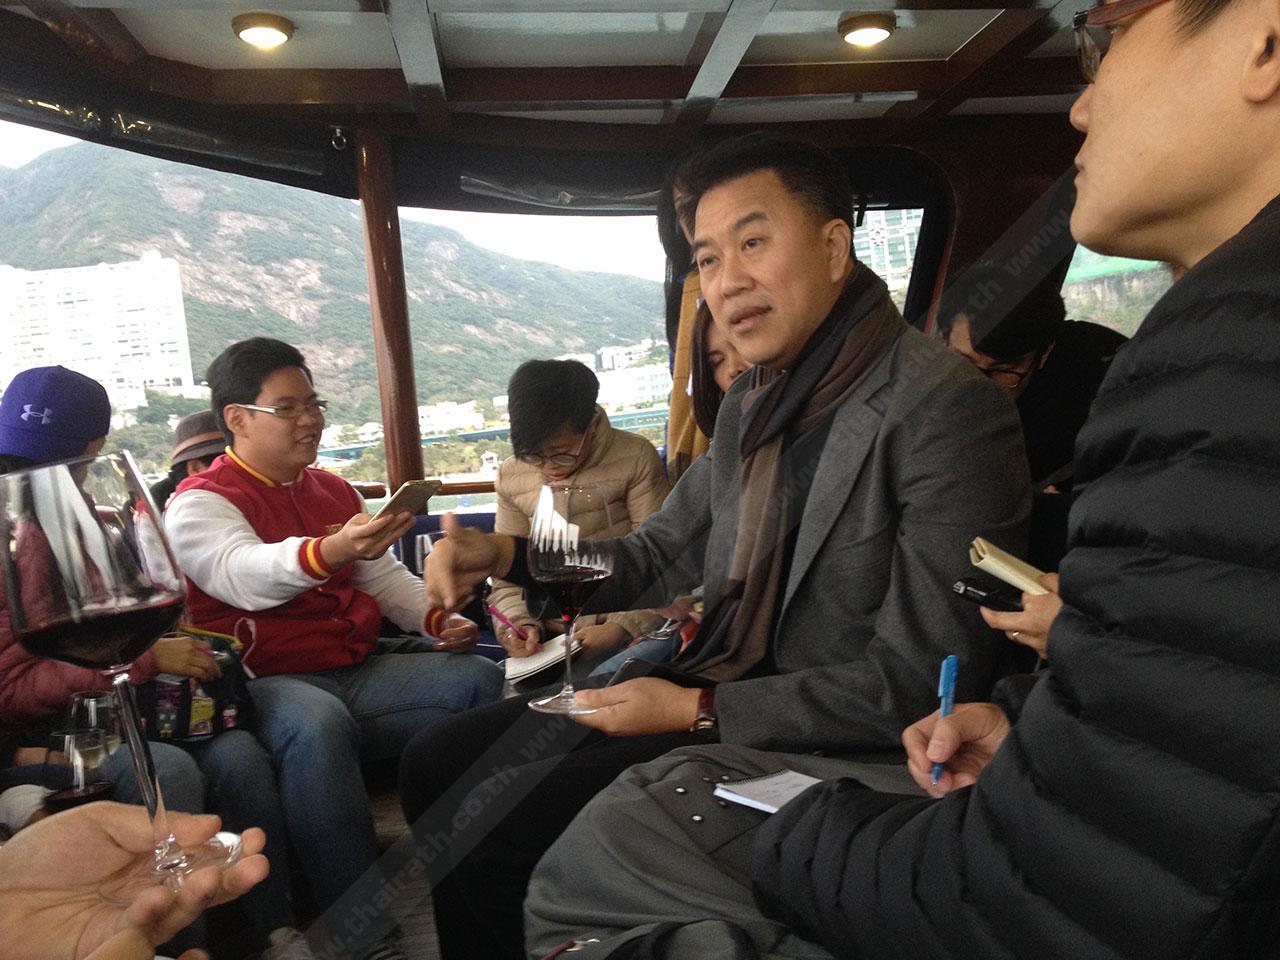 ระหว่างการให้สัมภาษณ์กลุ่มผู้สื่อข่าวในการโชว์วิสัยทัศน์